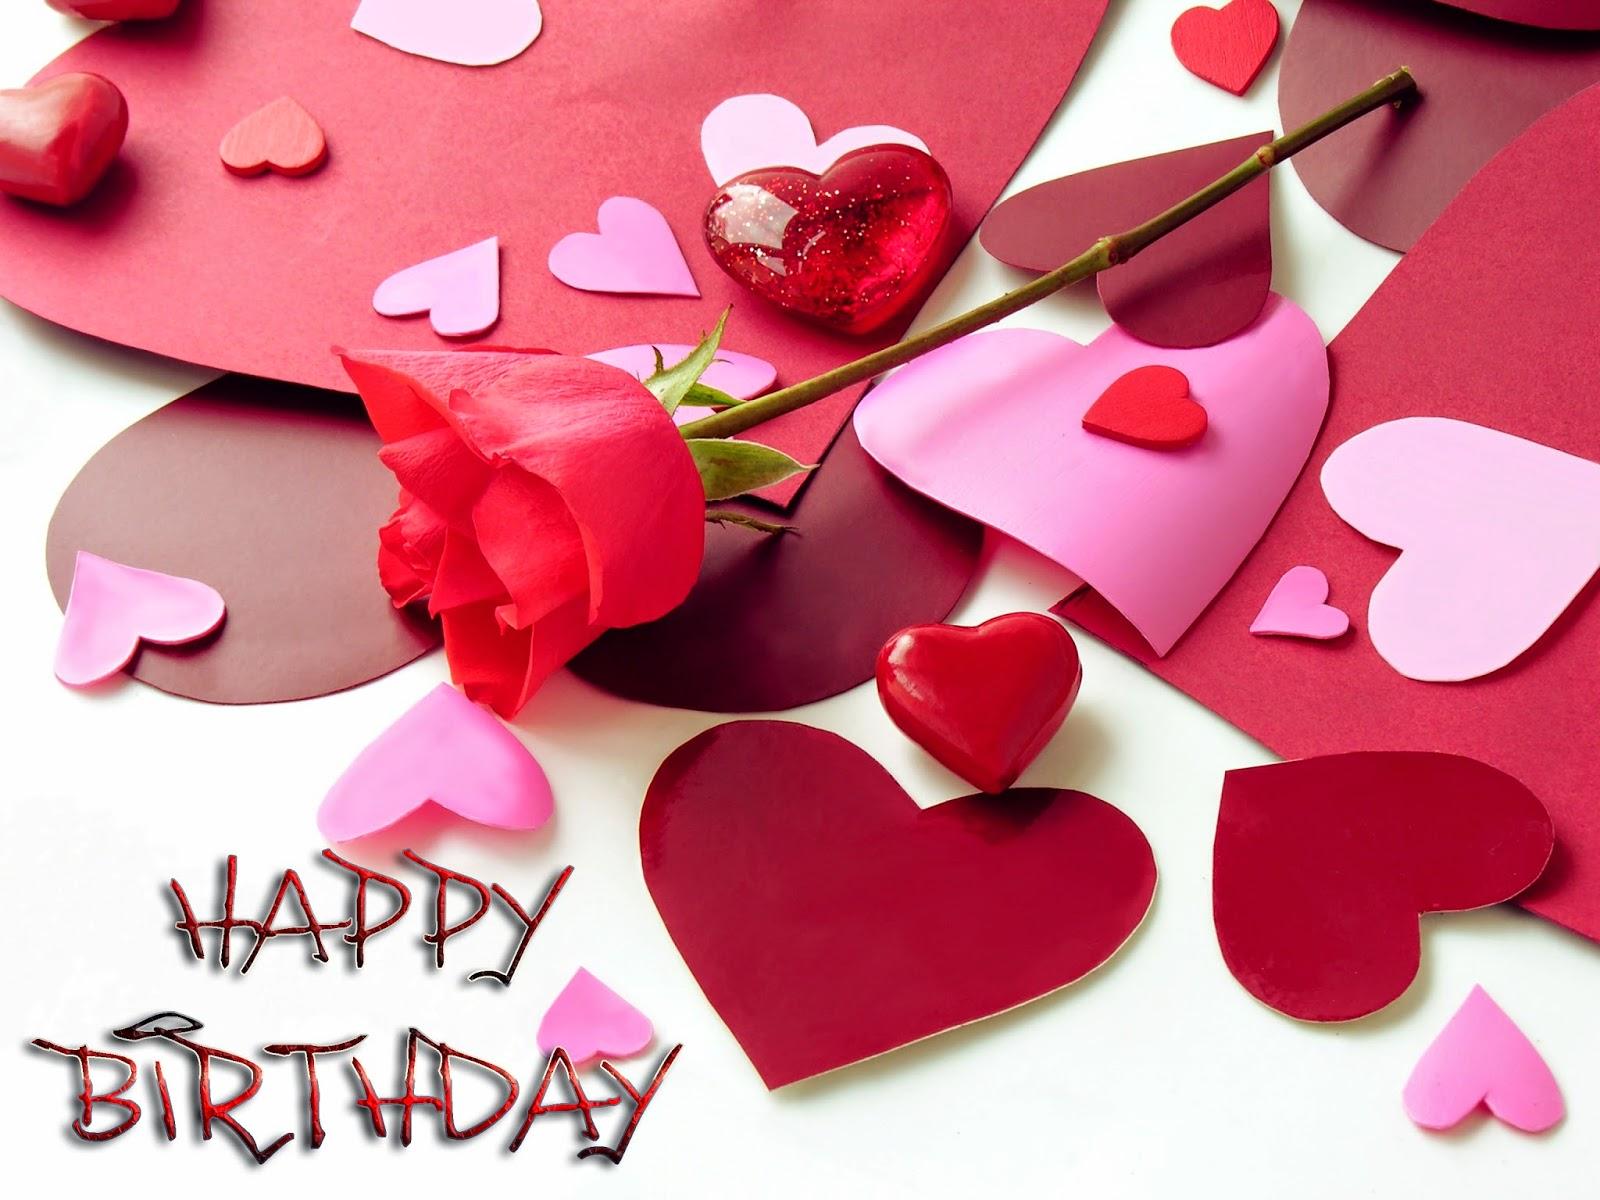 Imageslist com birthday quotes part 1 - Happy Birthday Love